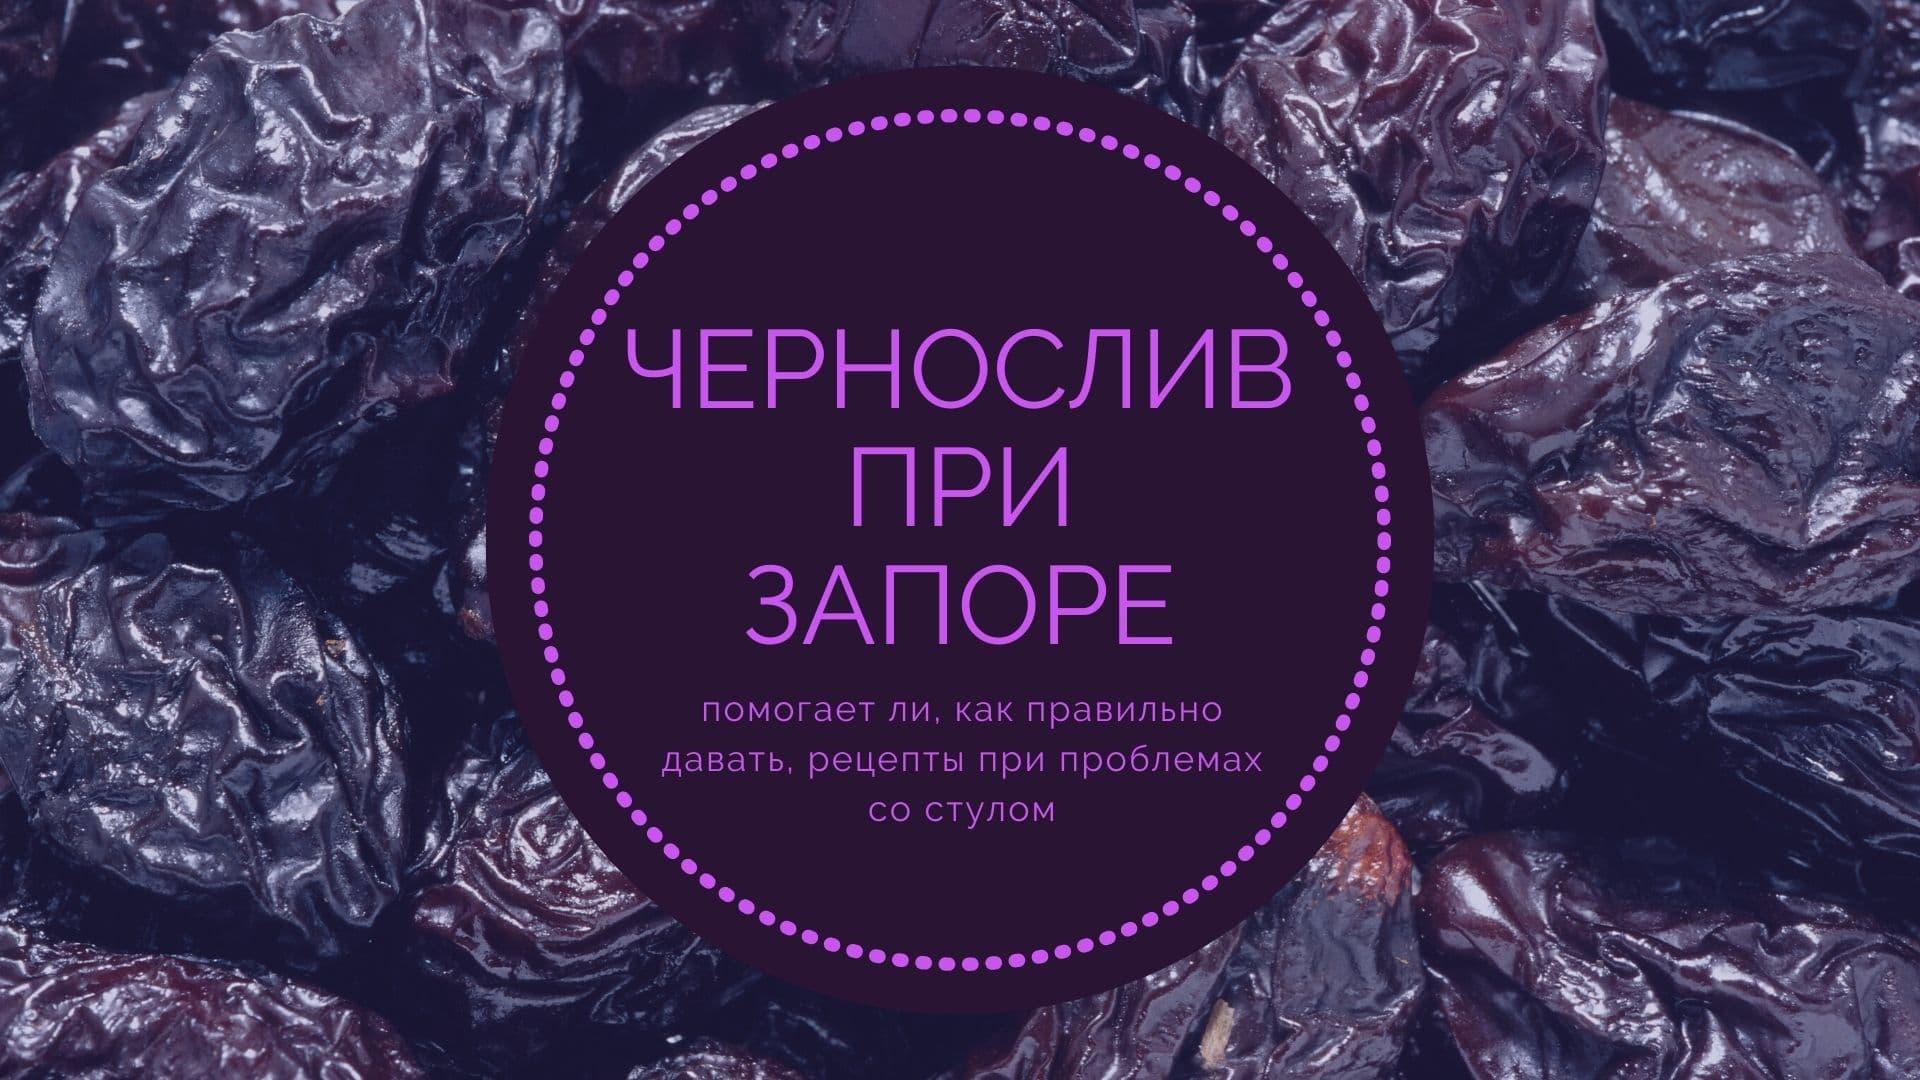 Чернослив при запоре: помогает ли, как правильно давать, рецепты при проблемах со стулом